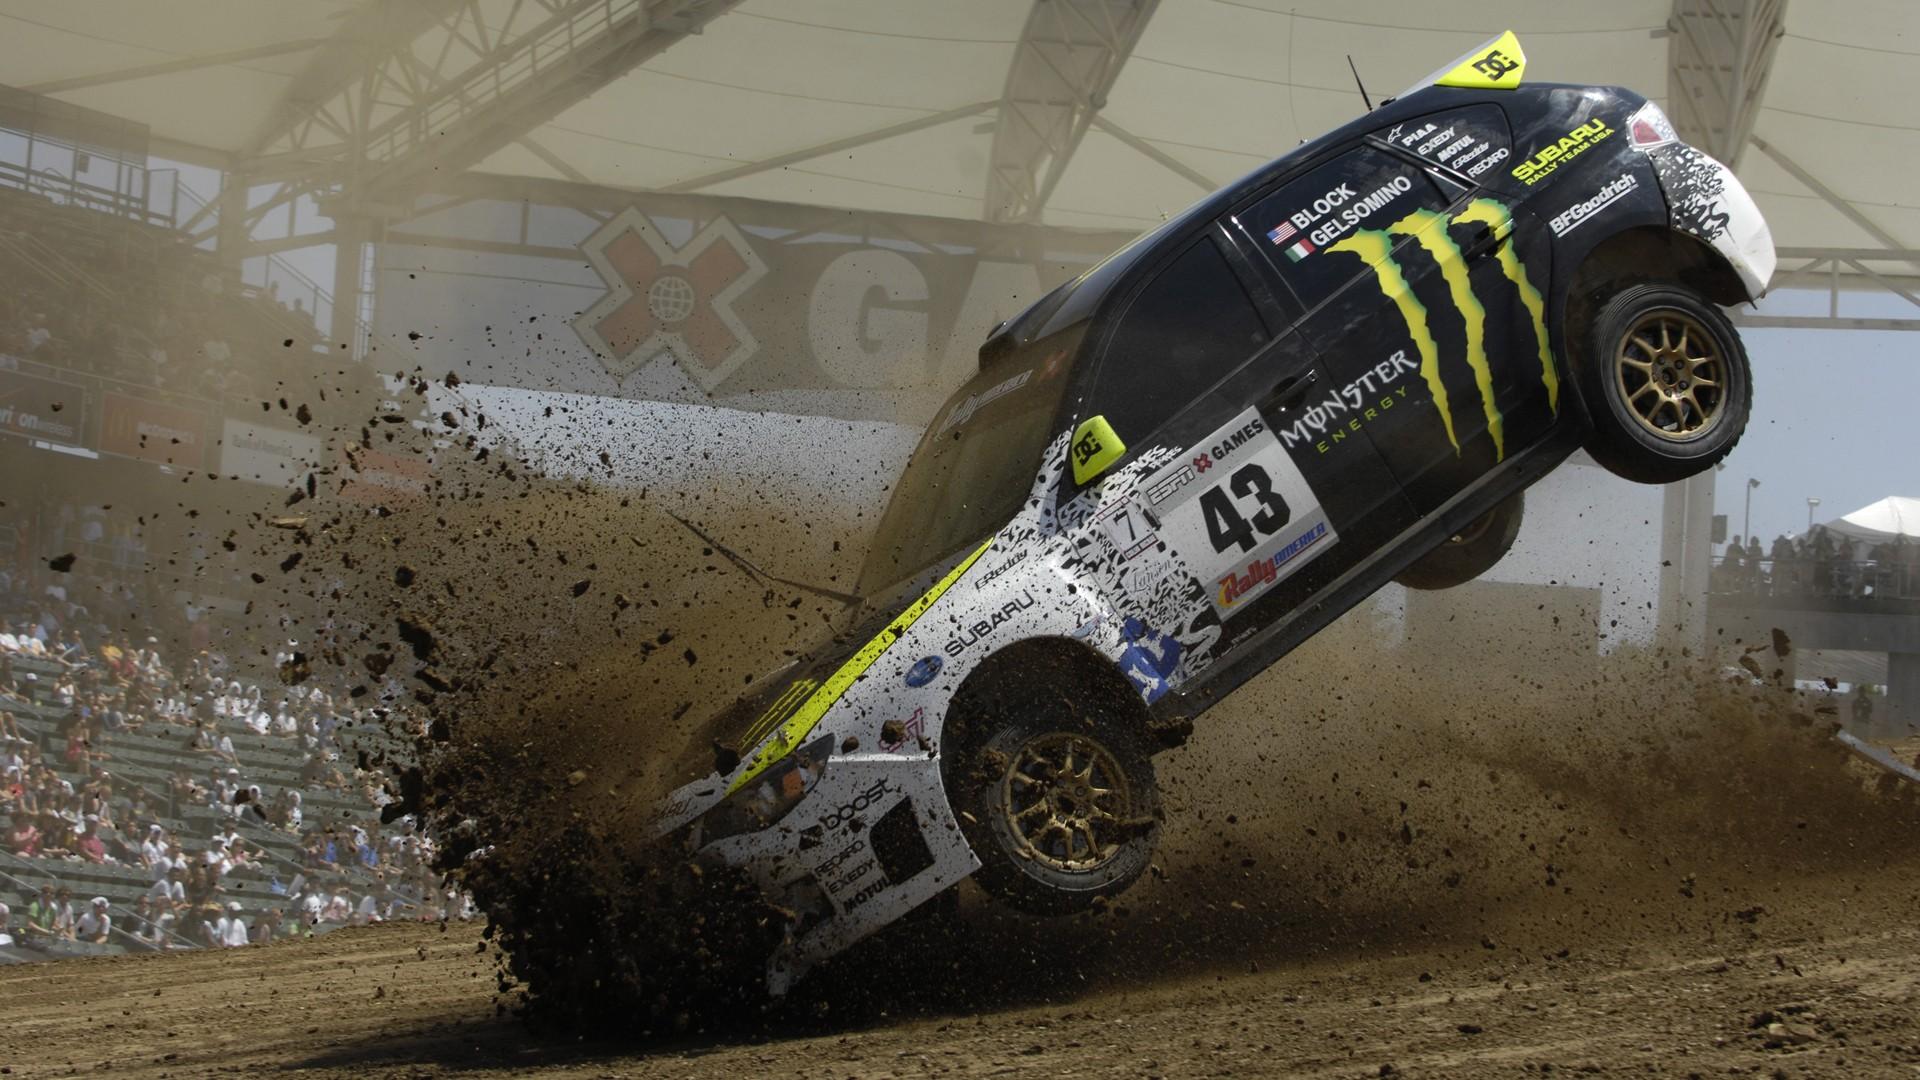 4523974 Subaru car Ken Block Rally dirt wallpaper 1920x1080